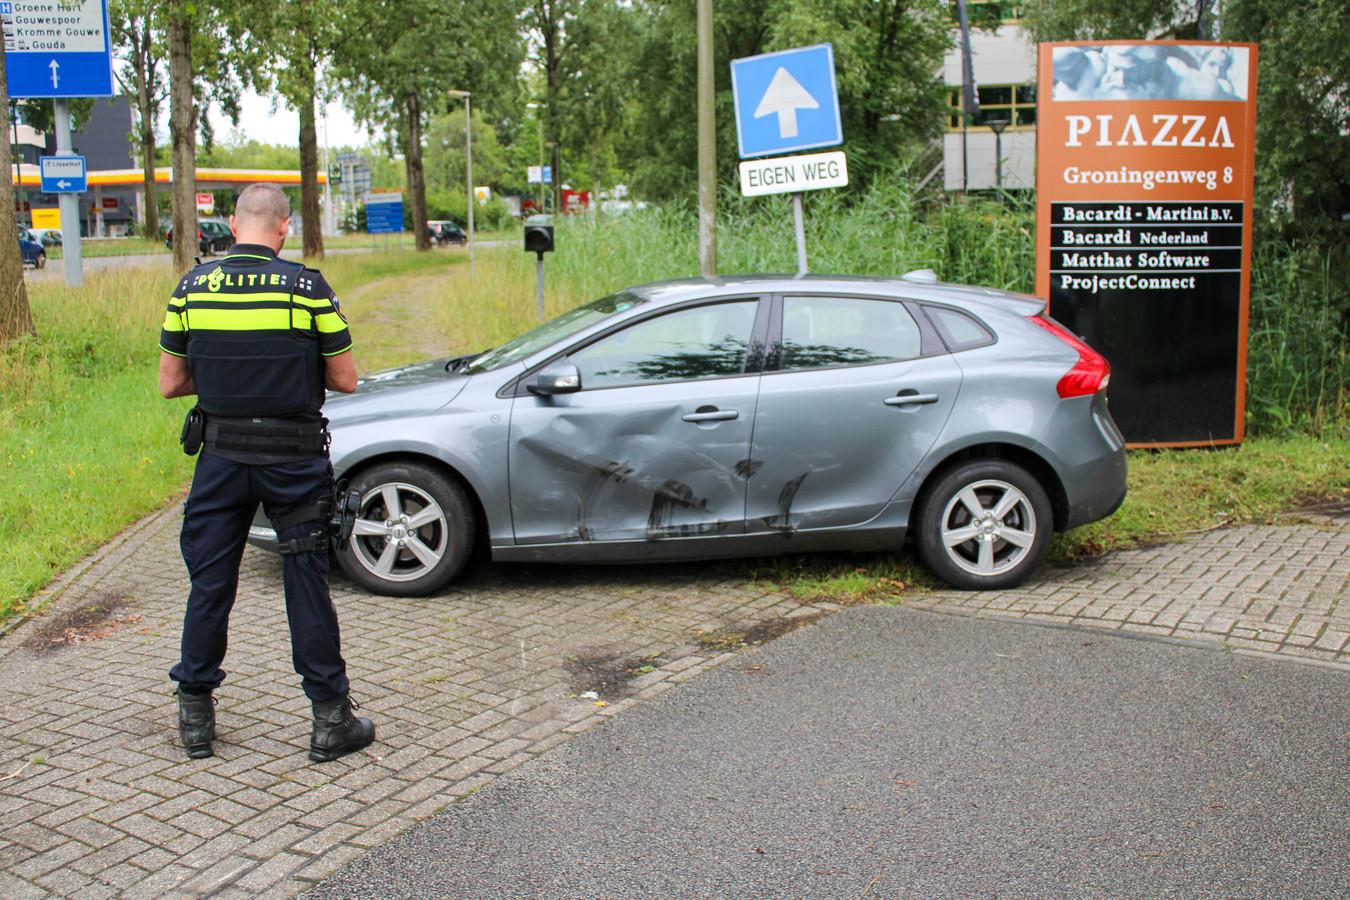 Op de Goudse Poort in Gouda heeft de politie al rammend een voertuig tot stilstand gebracht. De bestuurder had een vuurwapen bij zich.